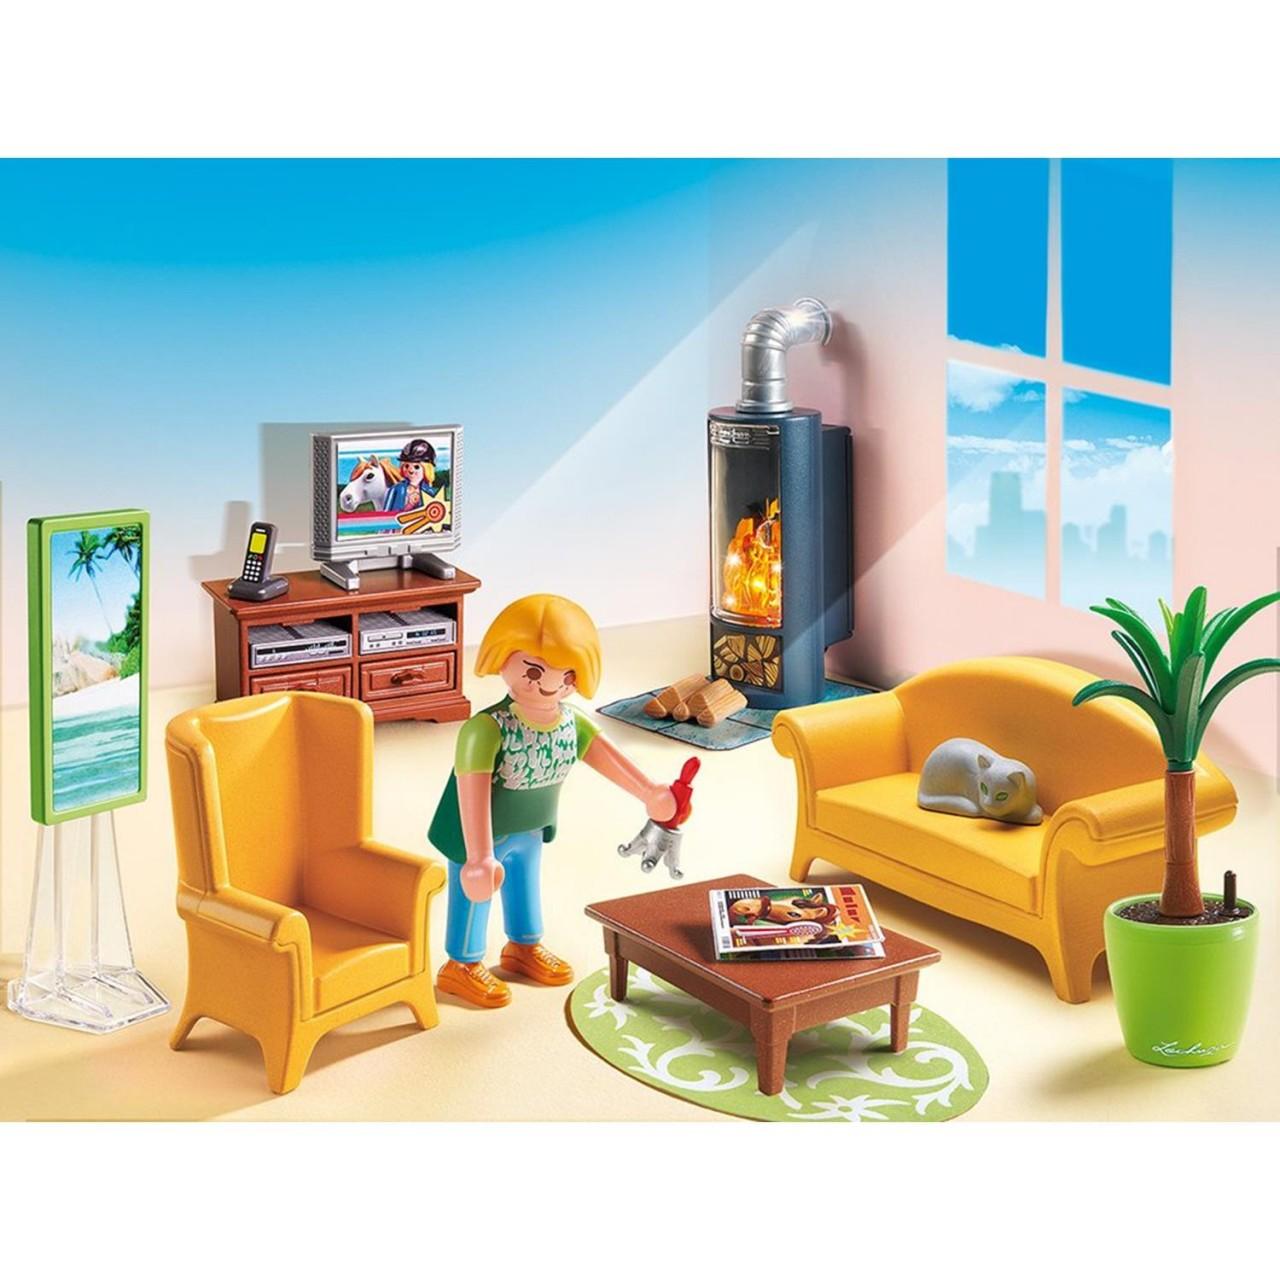 Playmobil 5308 Wohnzimmer mit Kaminofen